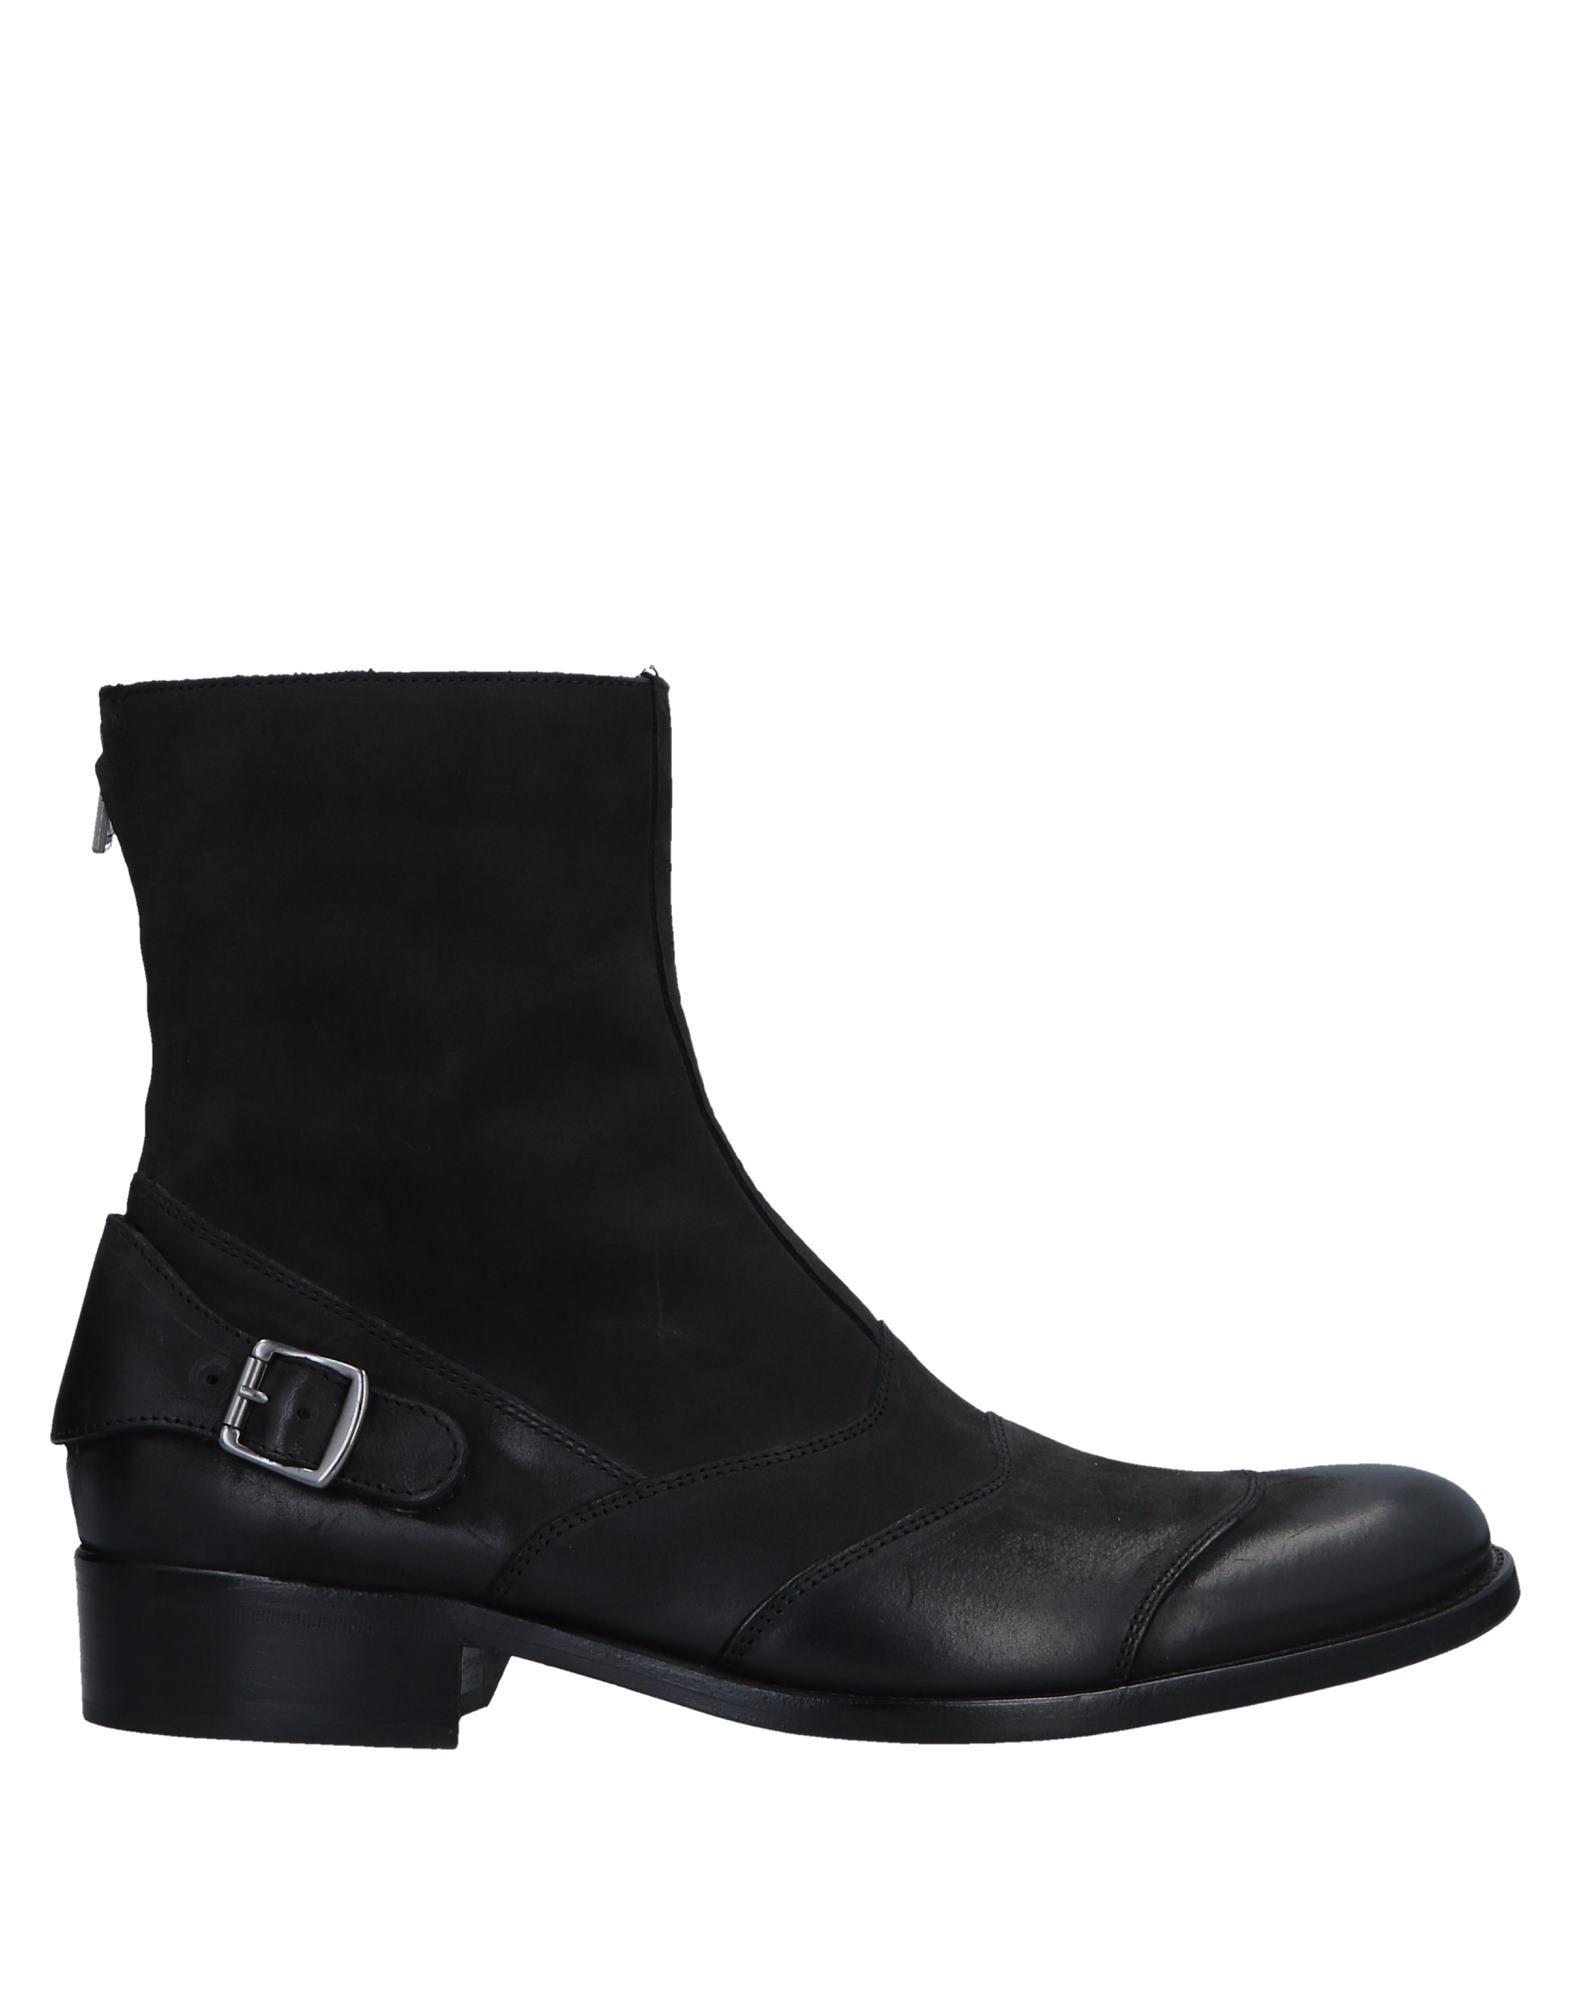 Belstaff Stiefelette Herren  11535120FP Gute Qualität beliebte Schuhe